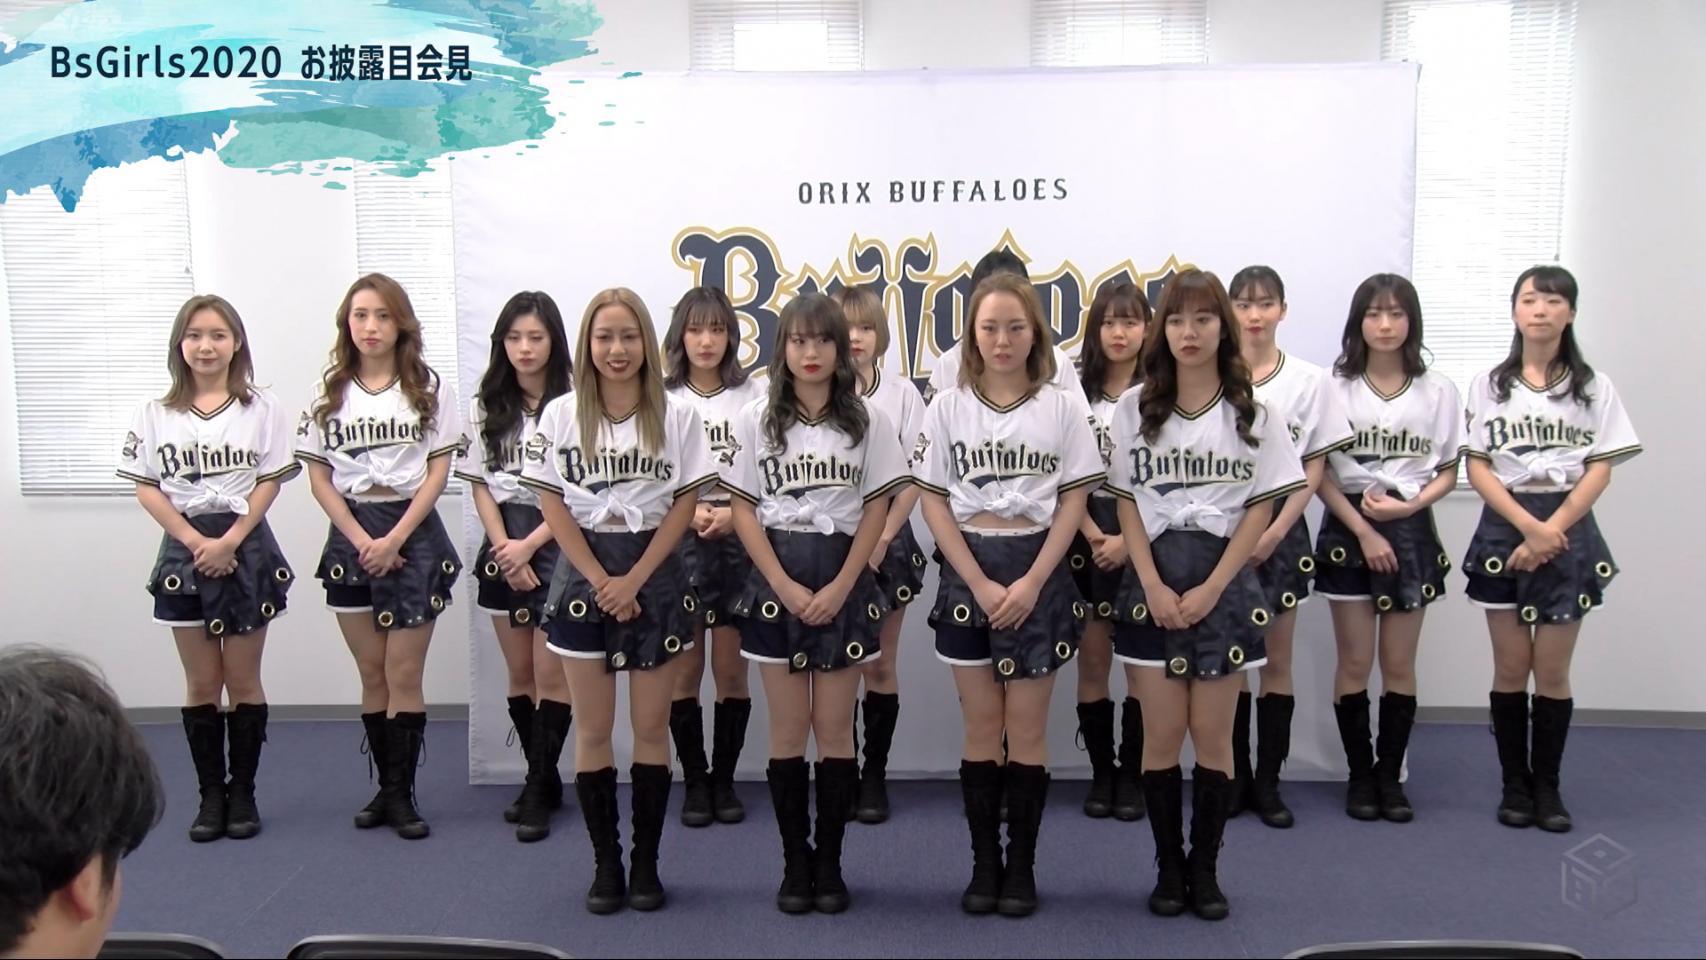 Behind Girls